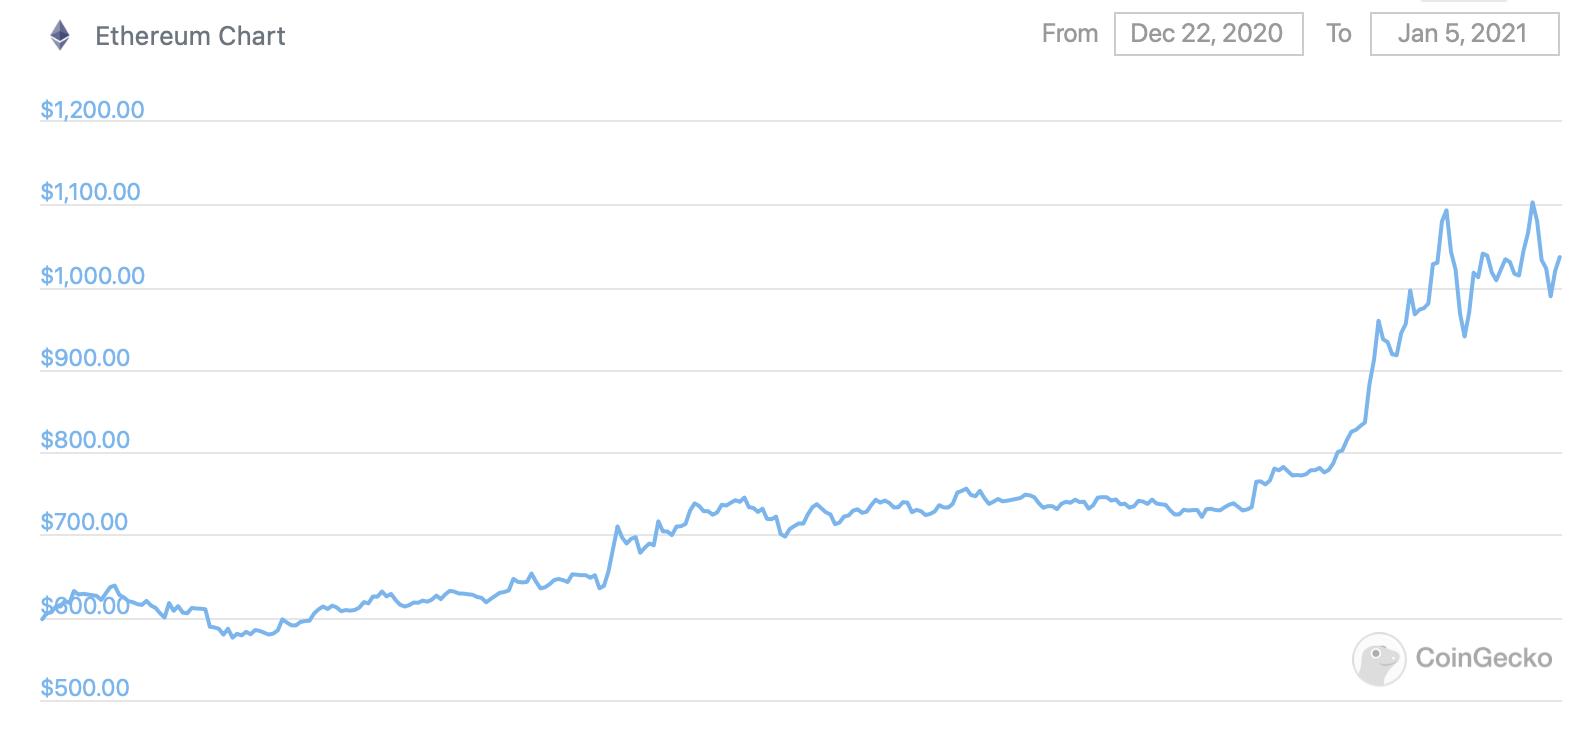 График курса Эфириума за две недели